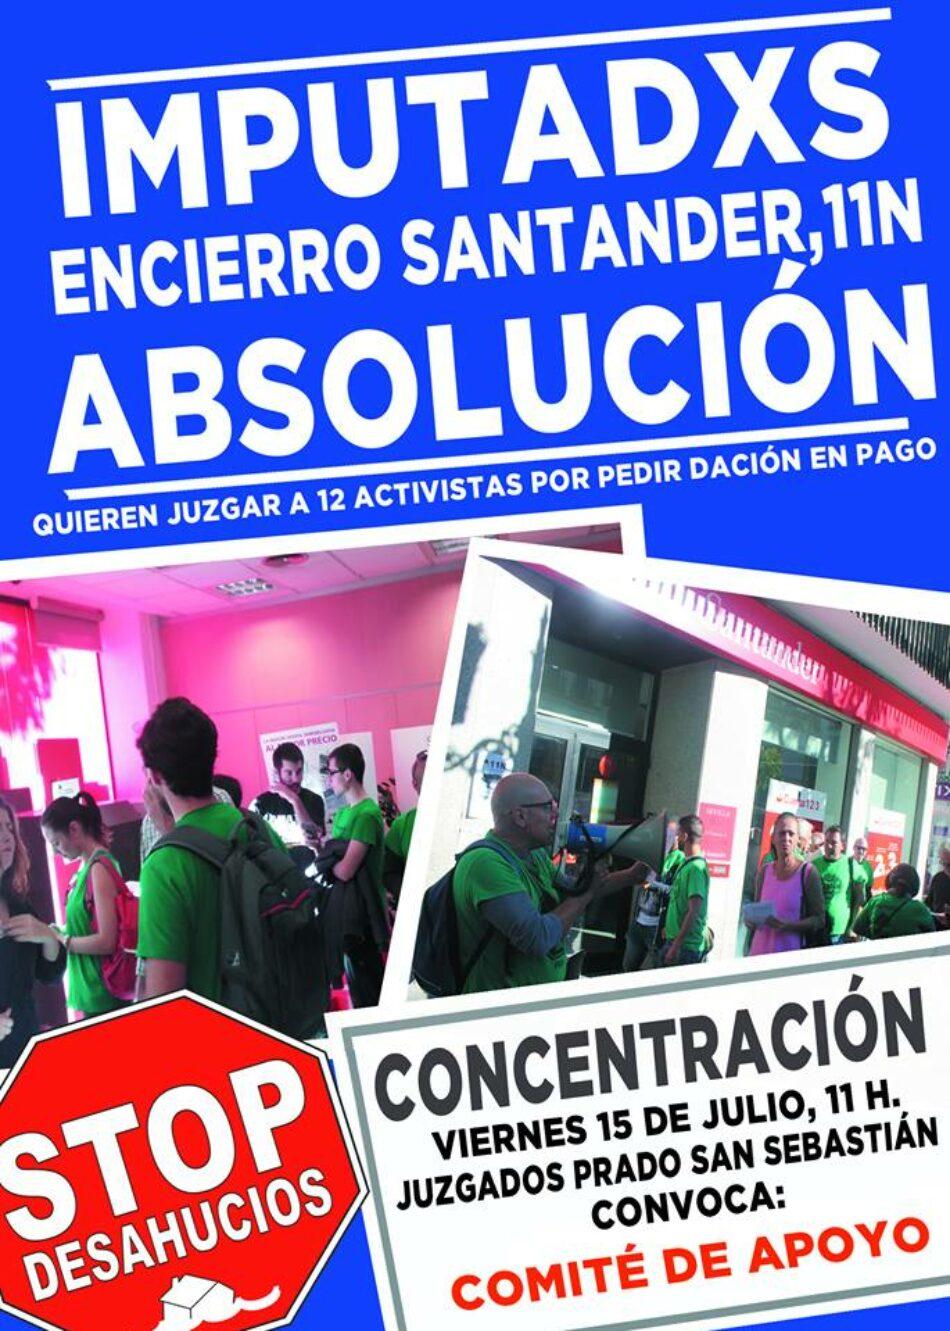 APDHA Sevilla apoya a las personas activistas imputadas por la ocupación pacifica en la sucursal del banco Santander